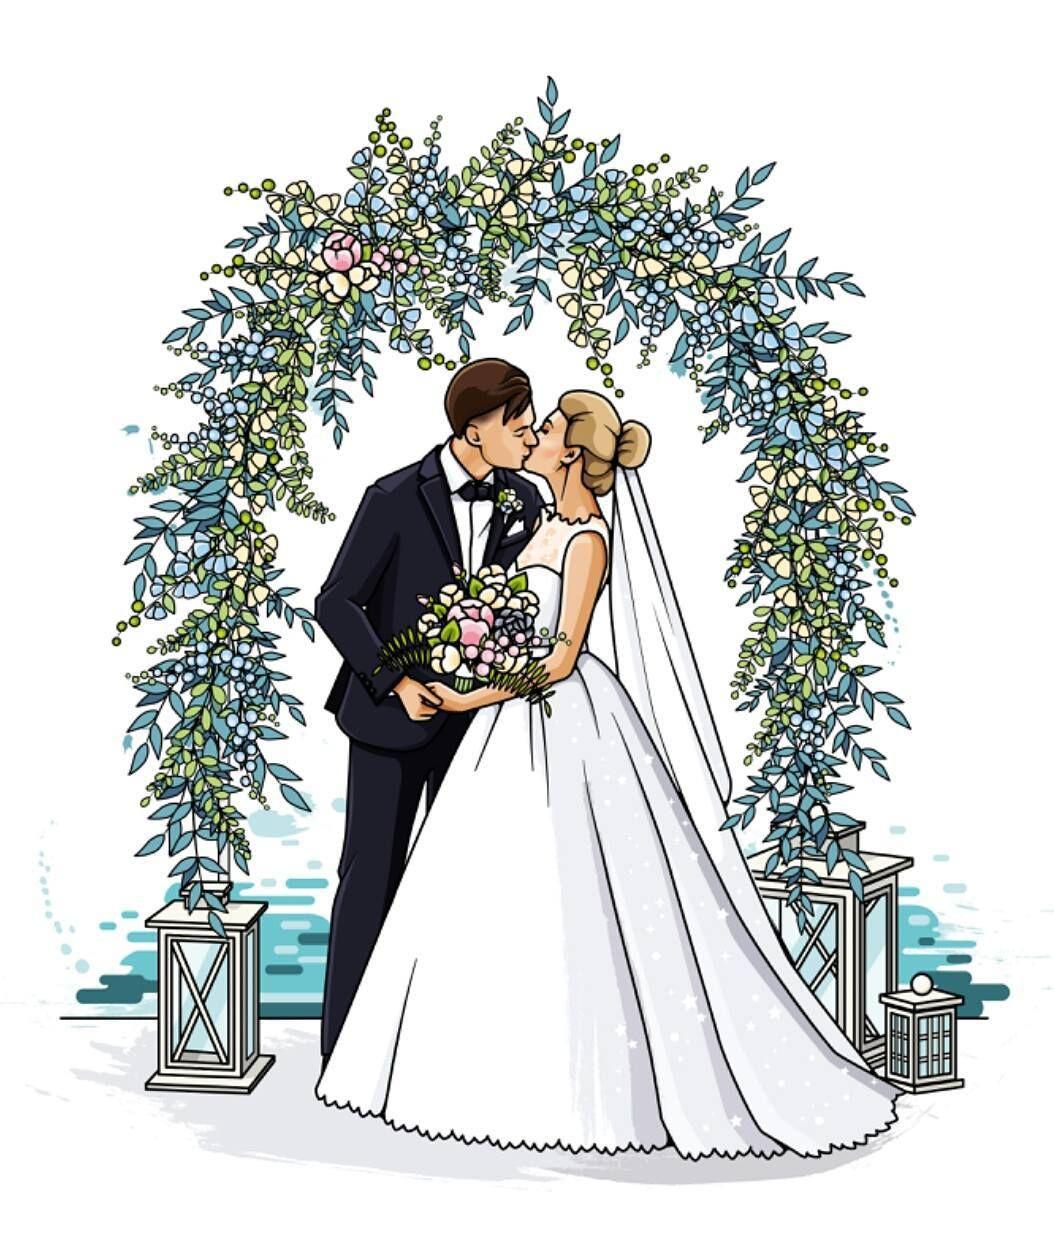 свиной вырезки свадебные рисунки картинки пансионате